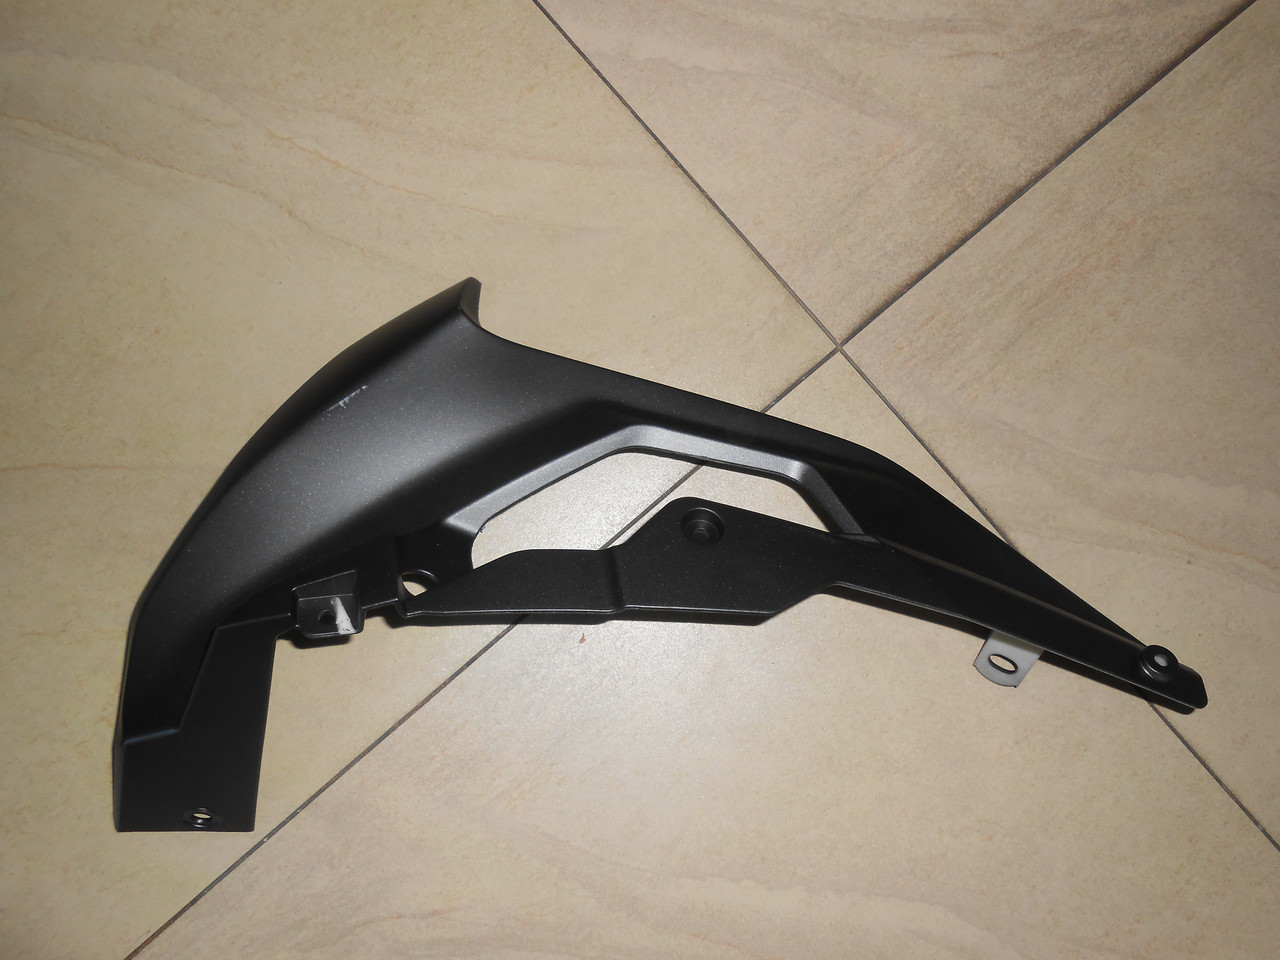 LX250GS-2A GP250 Пластик обтекателя ЛЕВЫЙ большой - 341450033-0001